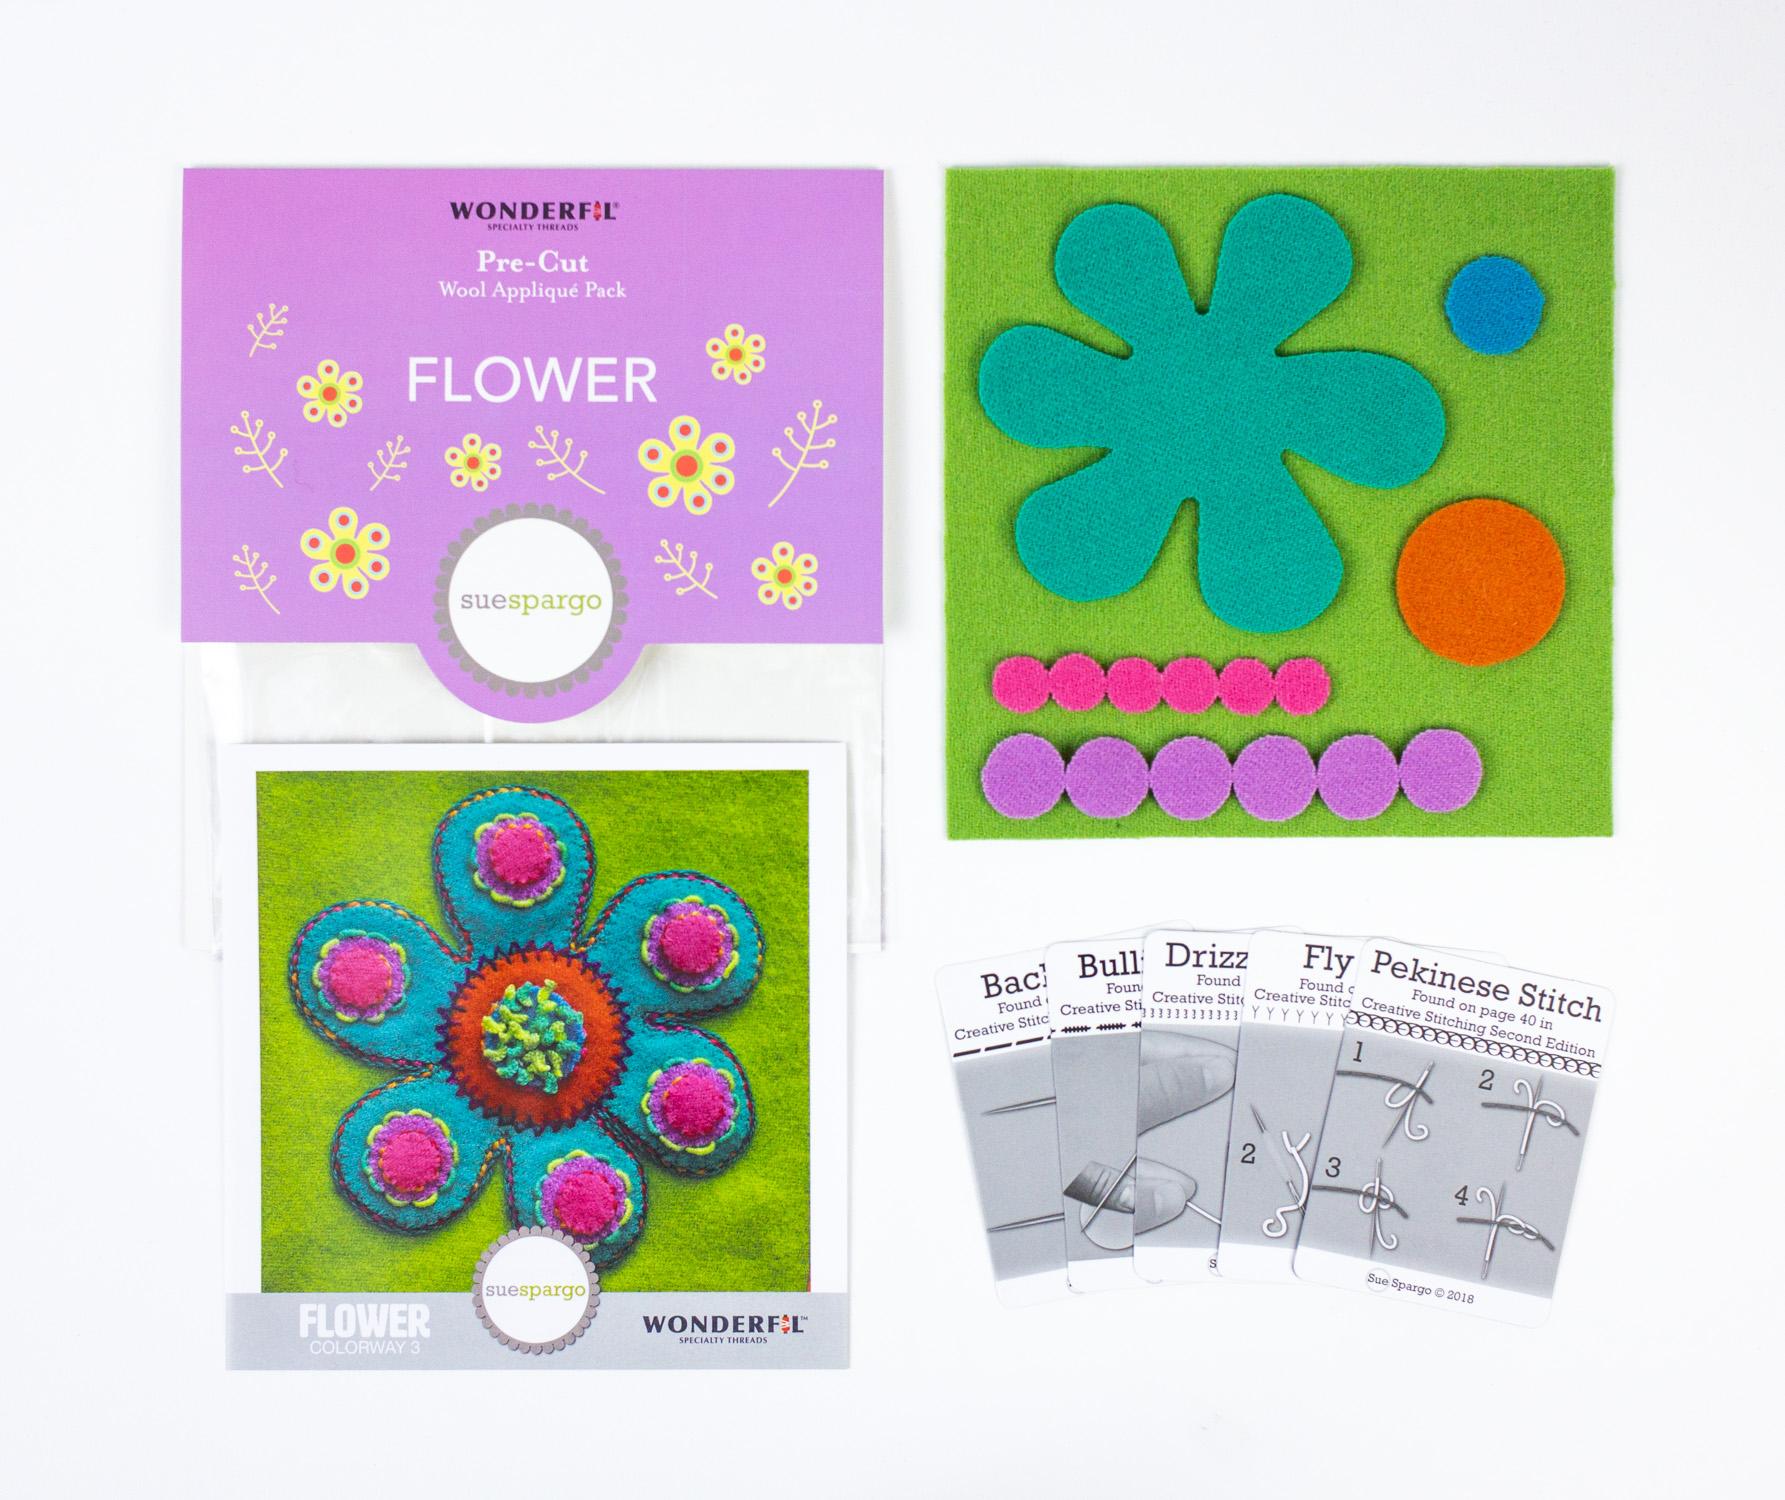 Flower3-inside.jpg